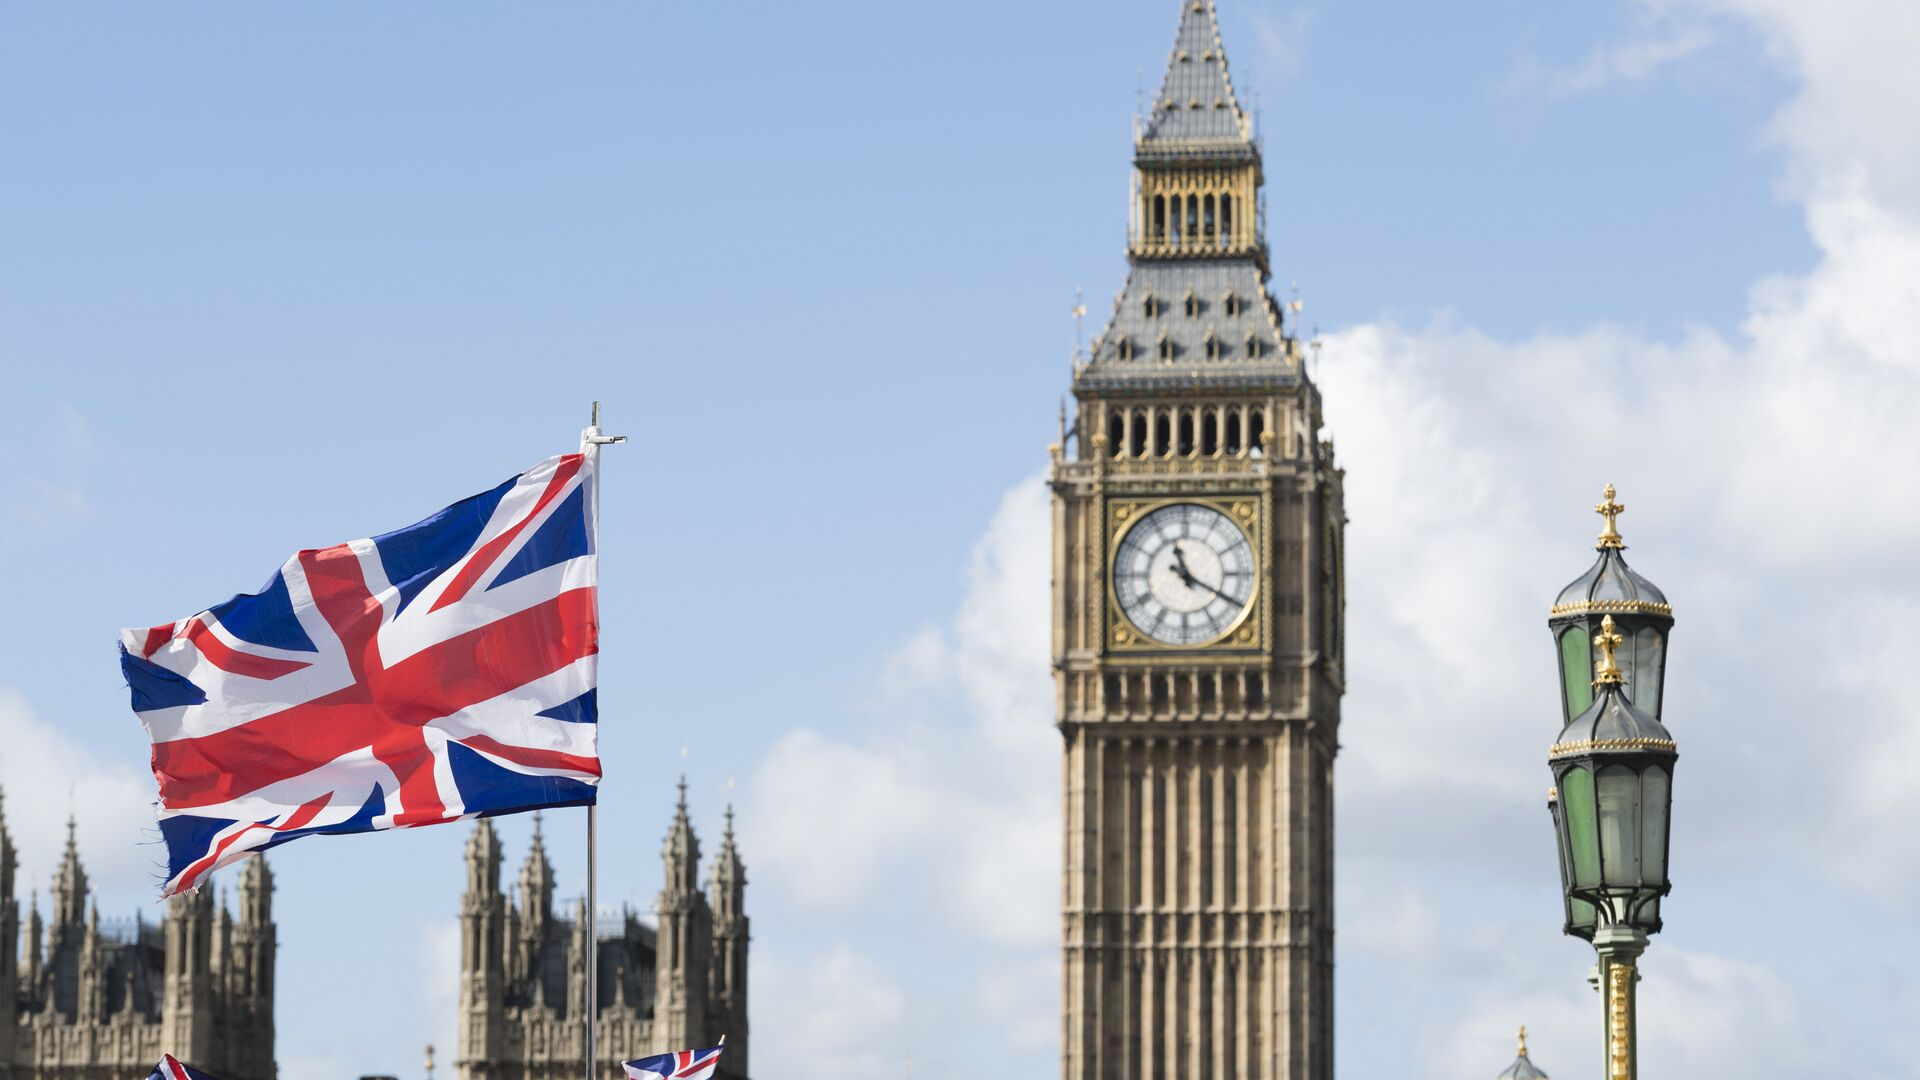 Флаг Великобритании на фоне Вестминстерского дворца в Лондоне - РИА Новости, 1920, 16.03.2021